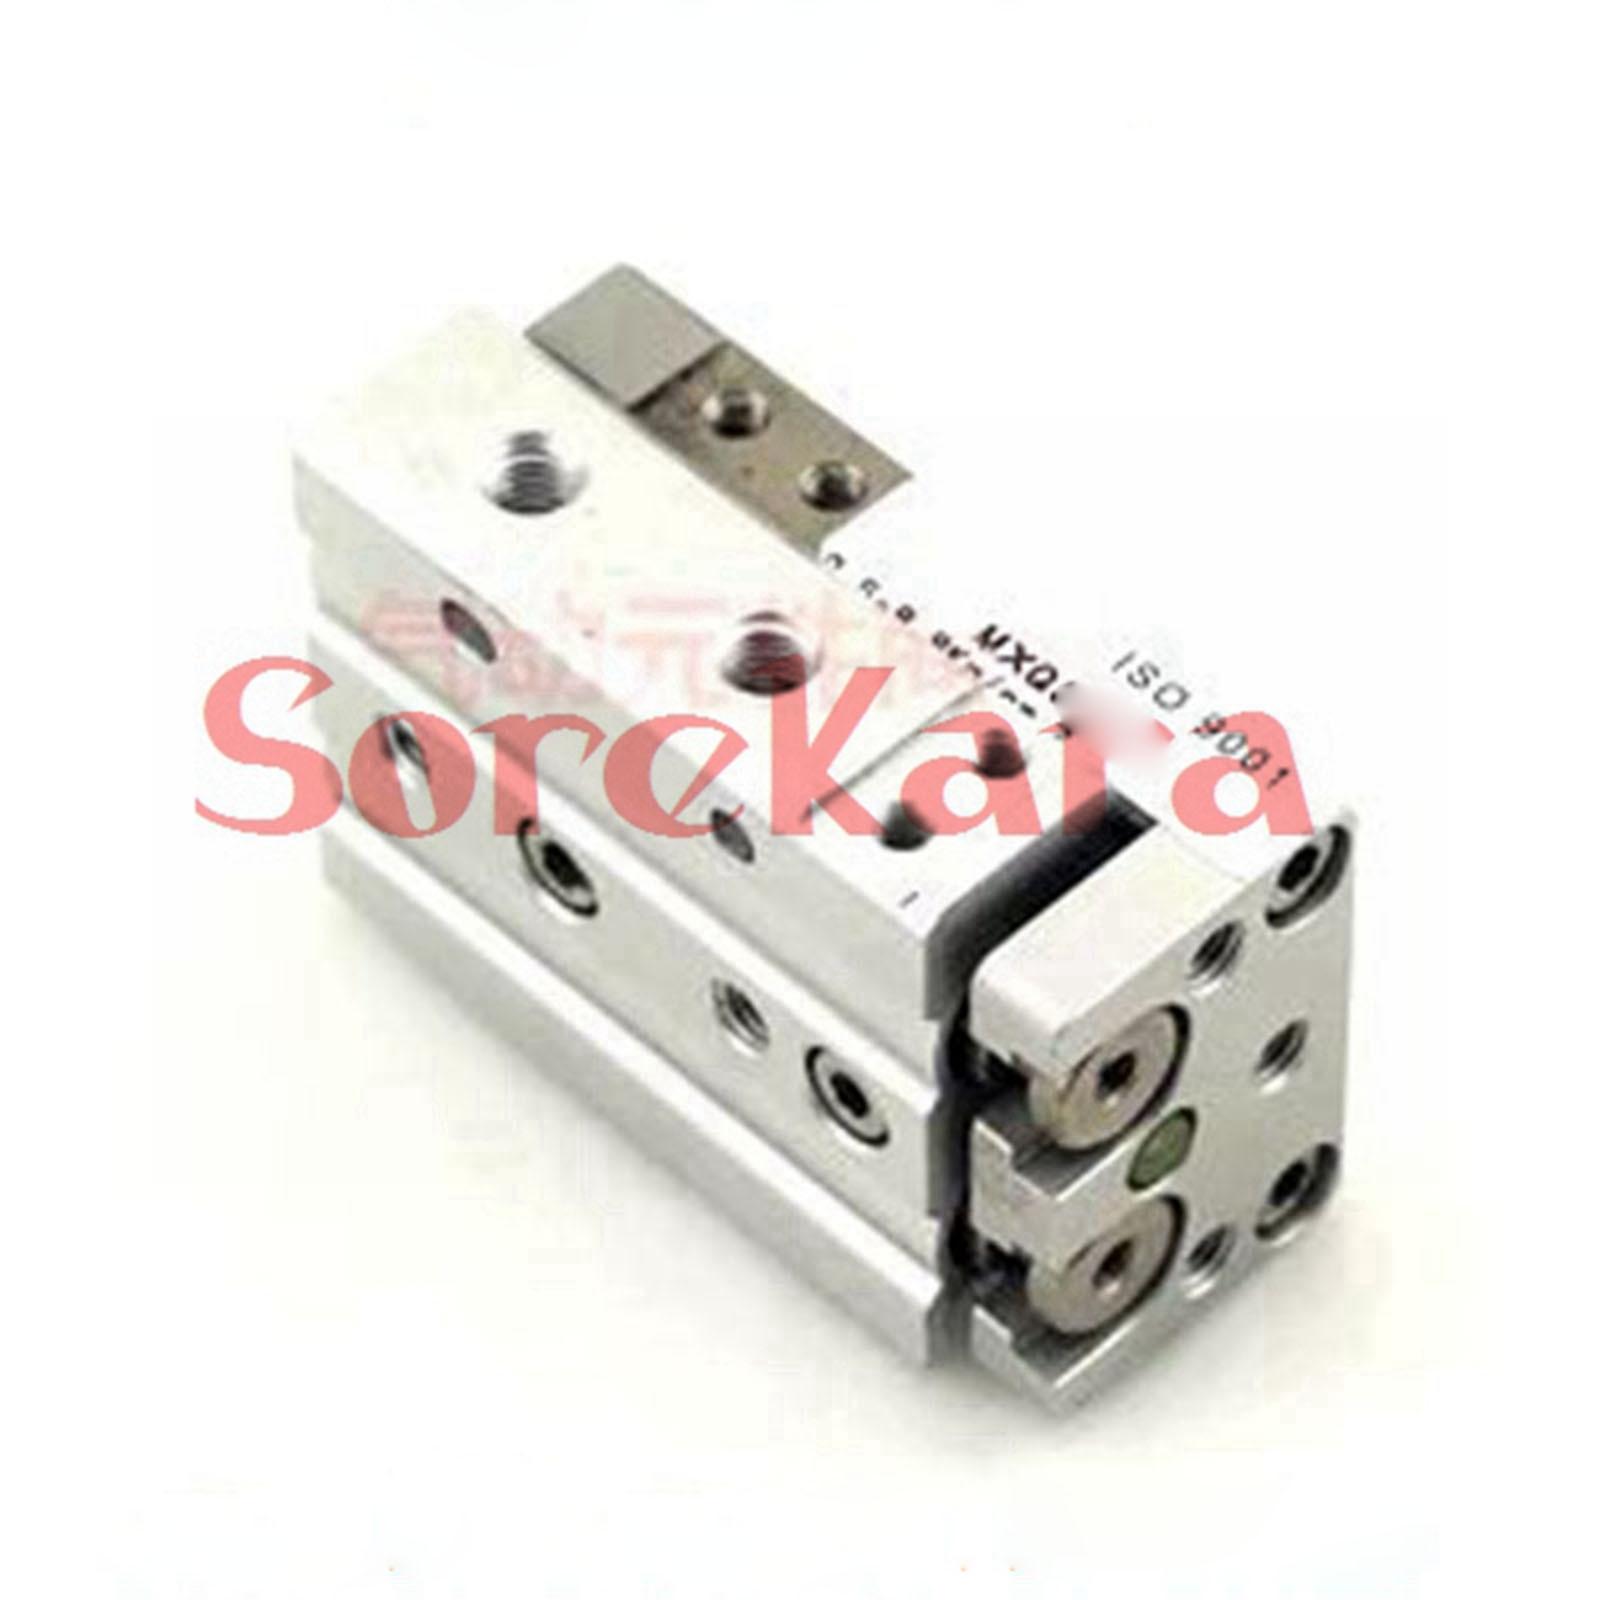 MXQ6-10A MXQ6-20A MXQ6-30A MXQ6-40A MXQ6-50A MXQ8-10A MXQ8-20A MXQ8-30A Slide Table Cylinder Double End Adjuster щебень фракция 20 40 мм 50 кг